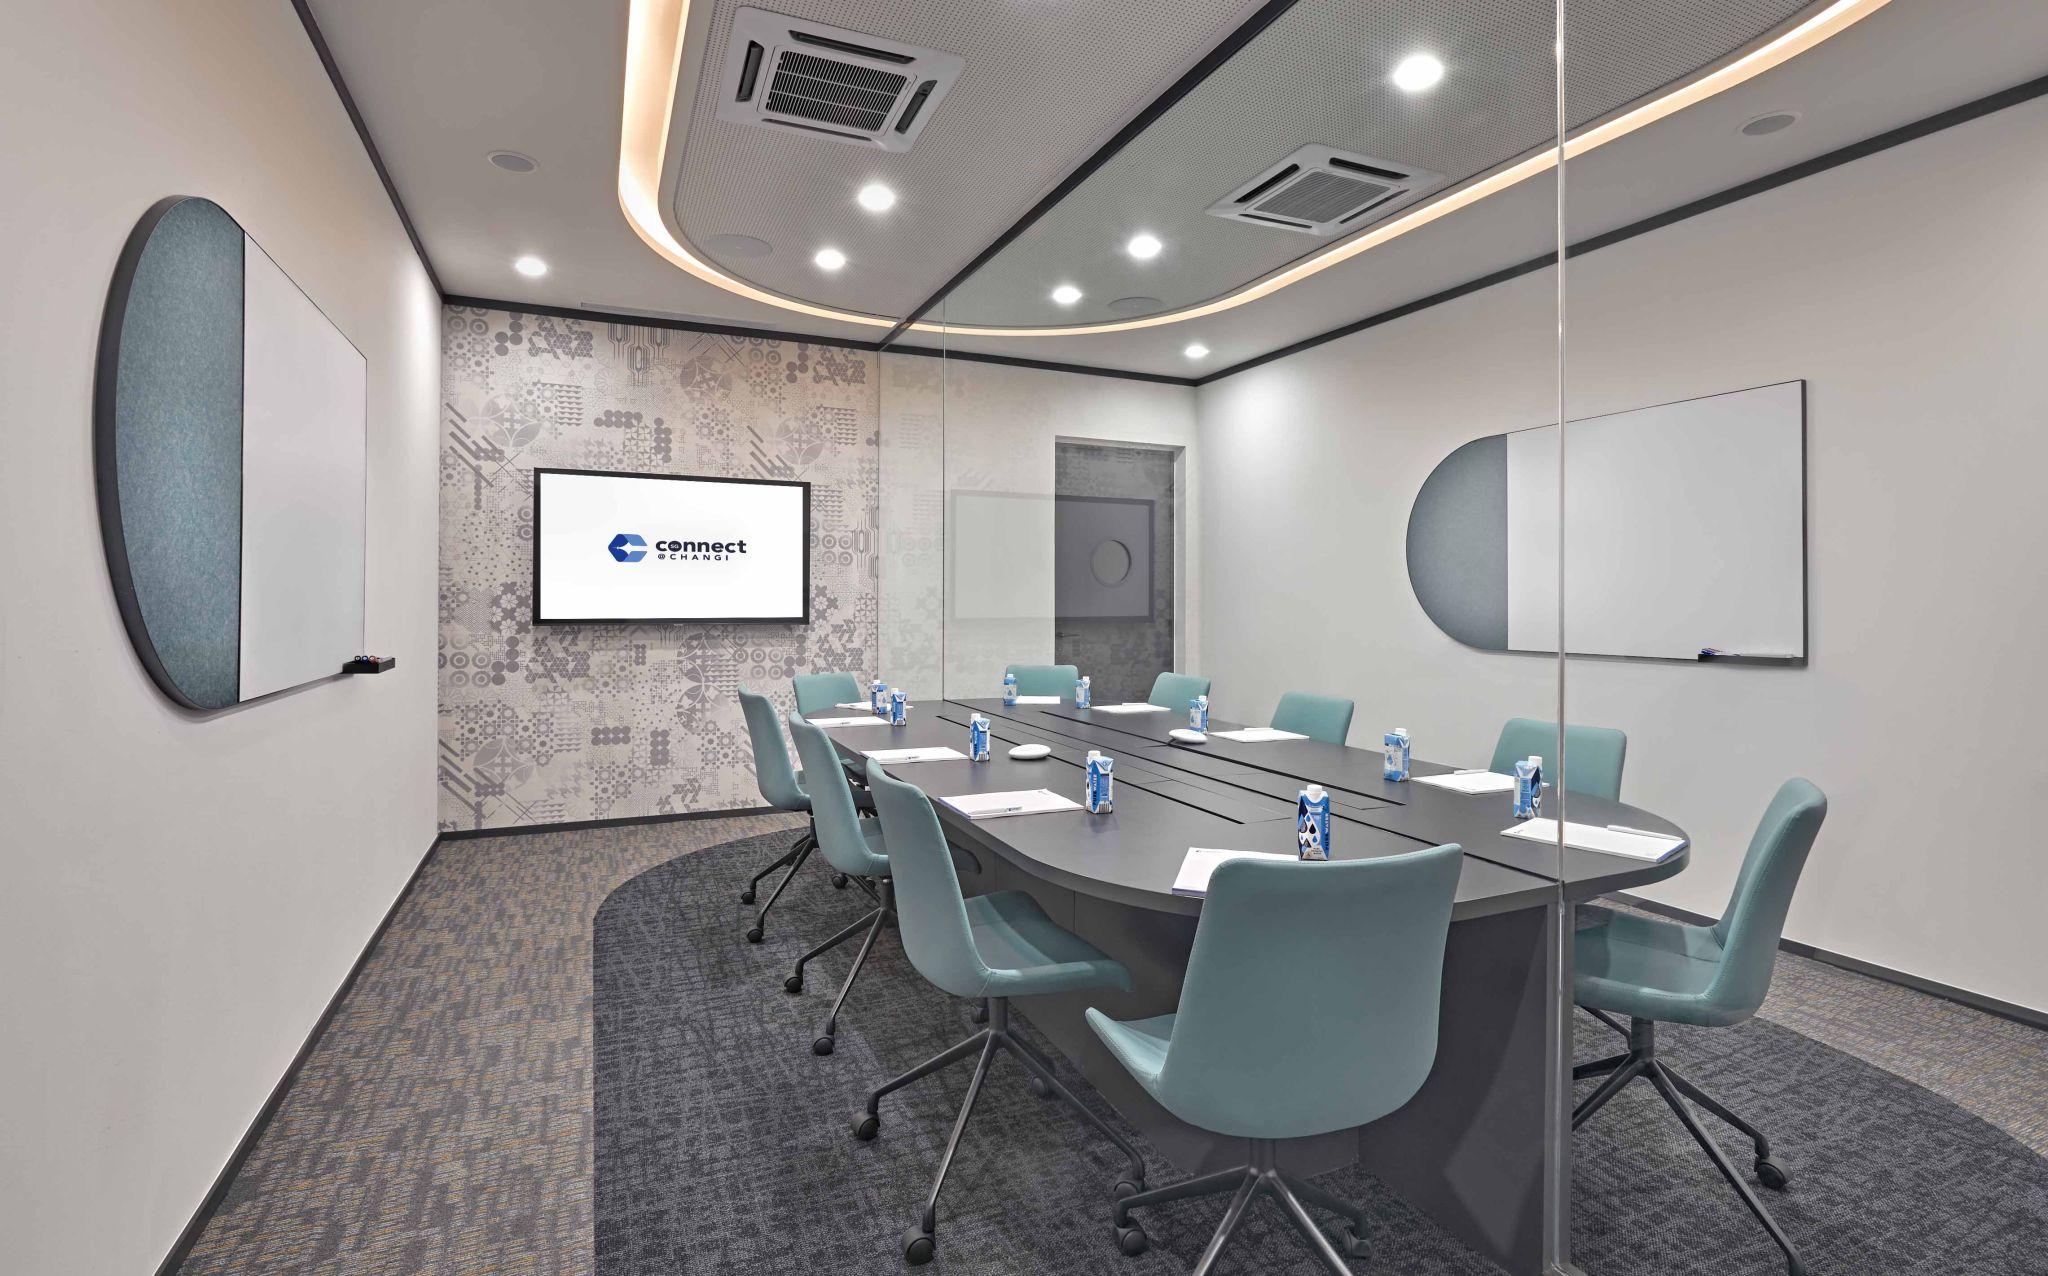 Mødelokalerne i konceptet Connect@Changi er udviklet af et statsligt firma i Singapore ved at omdanne dele af kongrescentret Singapore Expo. Der er separate indgange for de tilrejsende, der under deres ophold bor i et særligt konstrueret hotel i forbindelse med selve kongrescentret. PR-foto fra: Connectatchangi.sg